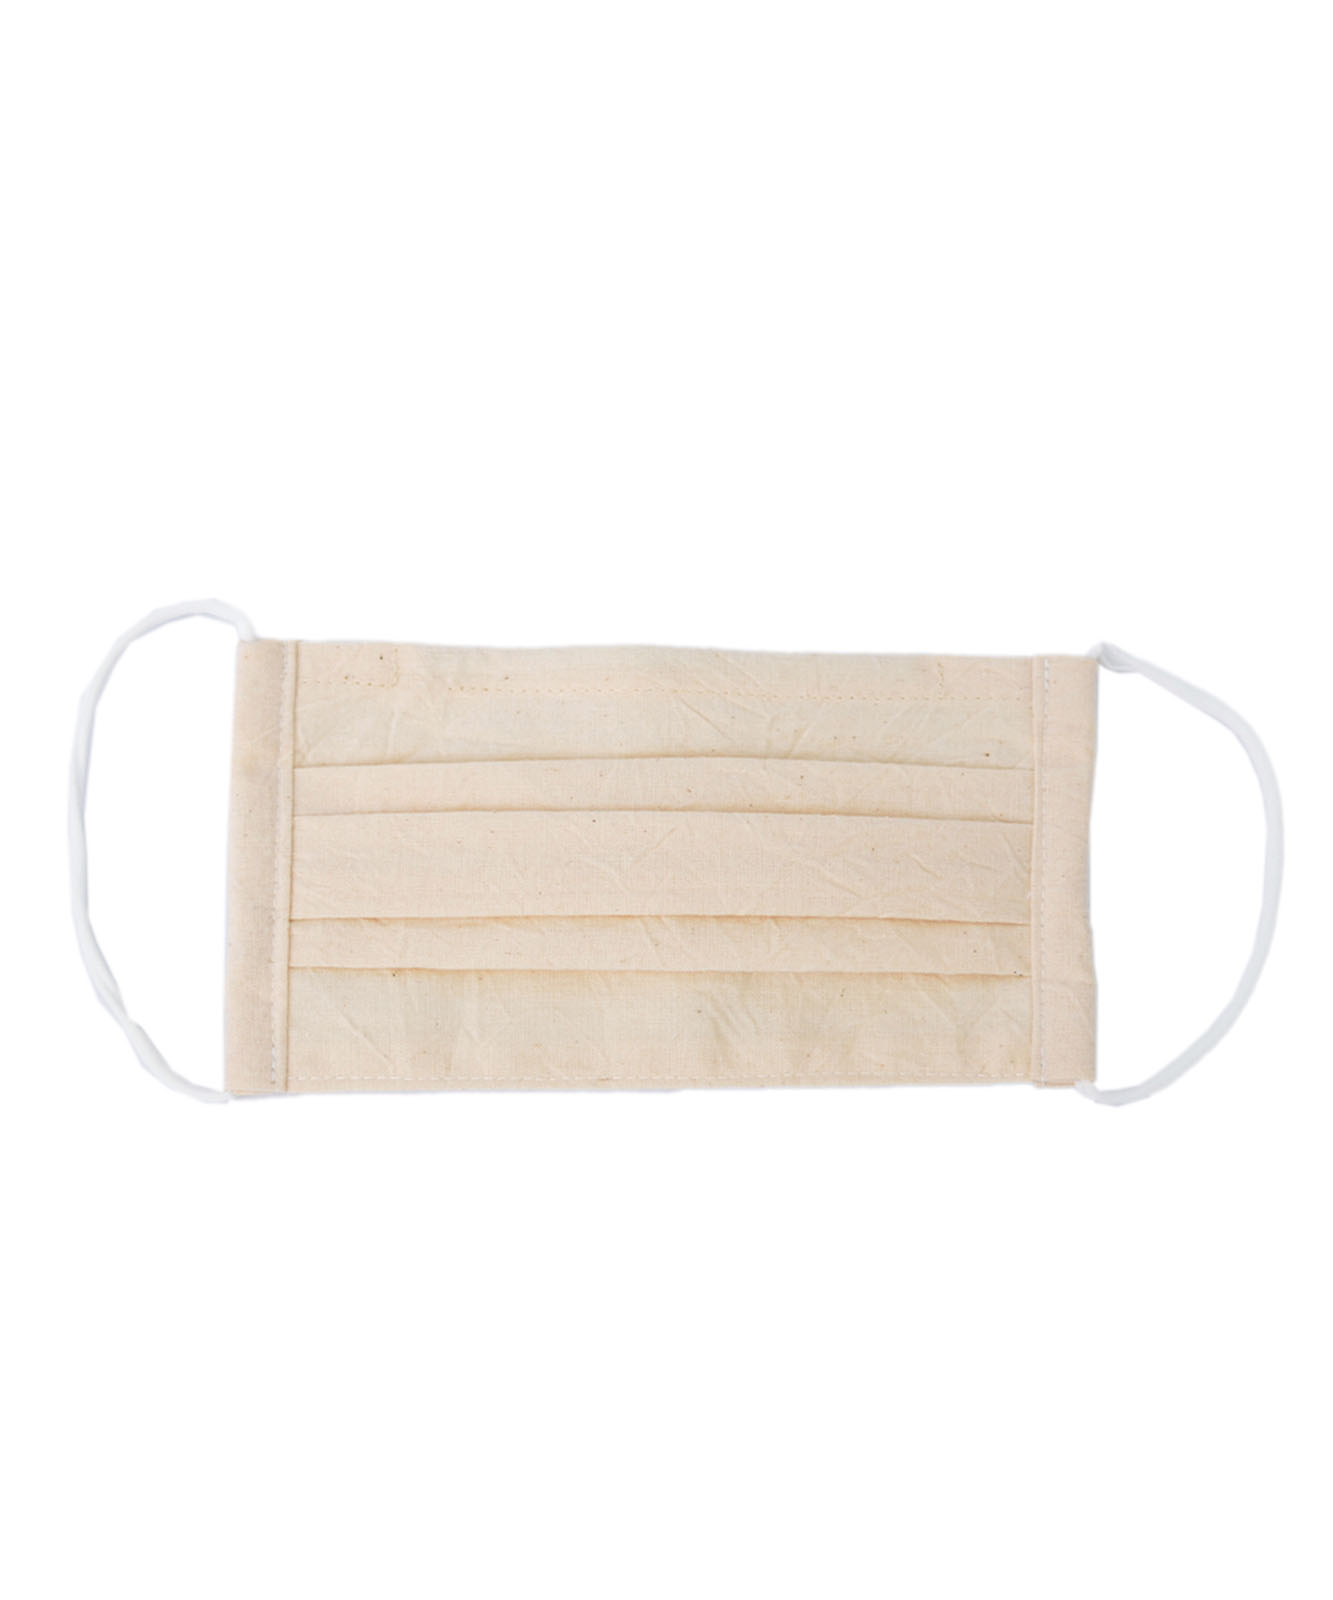 子供用洗える布マスク(日本製)